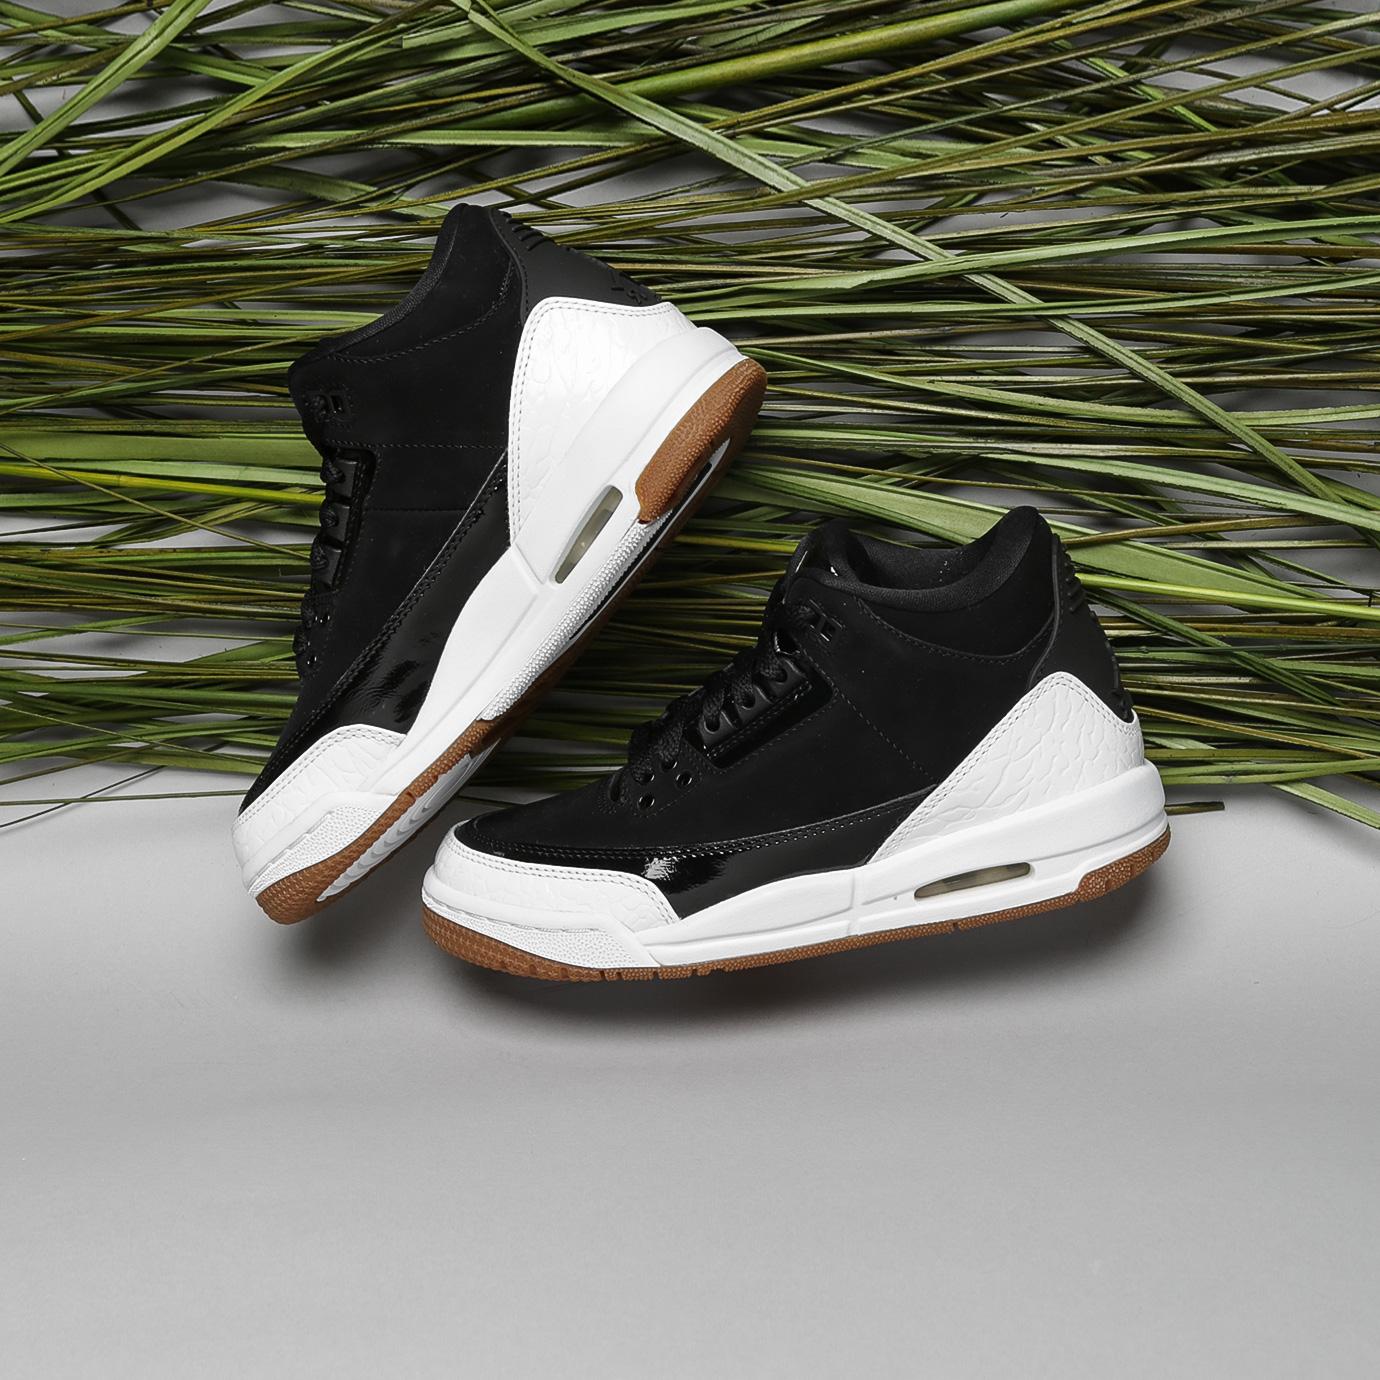 Распродажа Jordan (Джордан) в интернет магазине Sneakerhead в Москве 397c10192e2